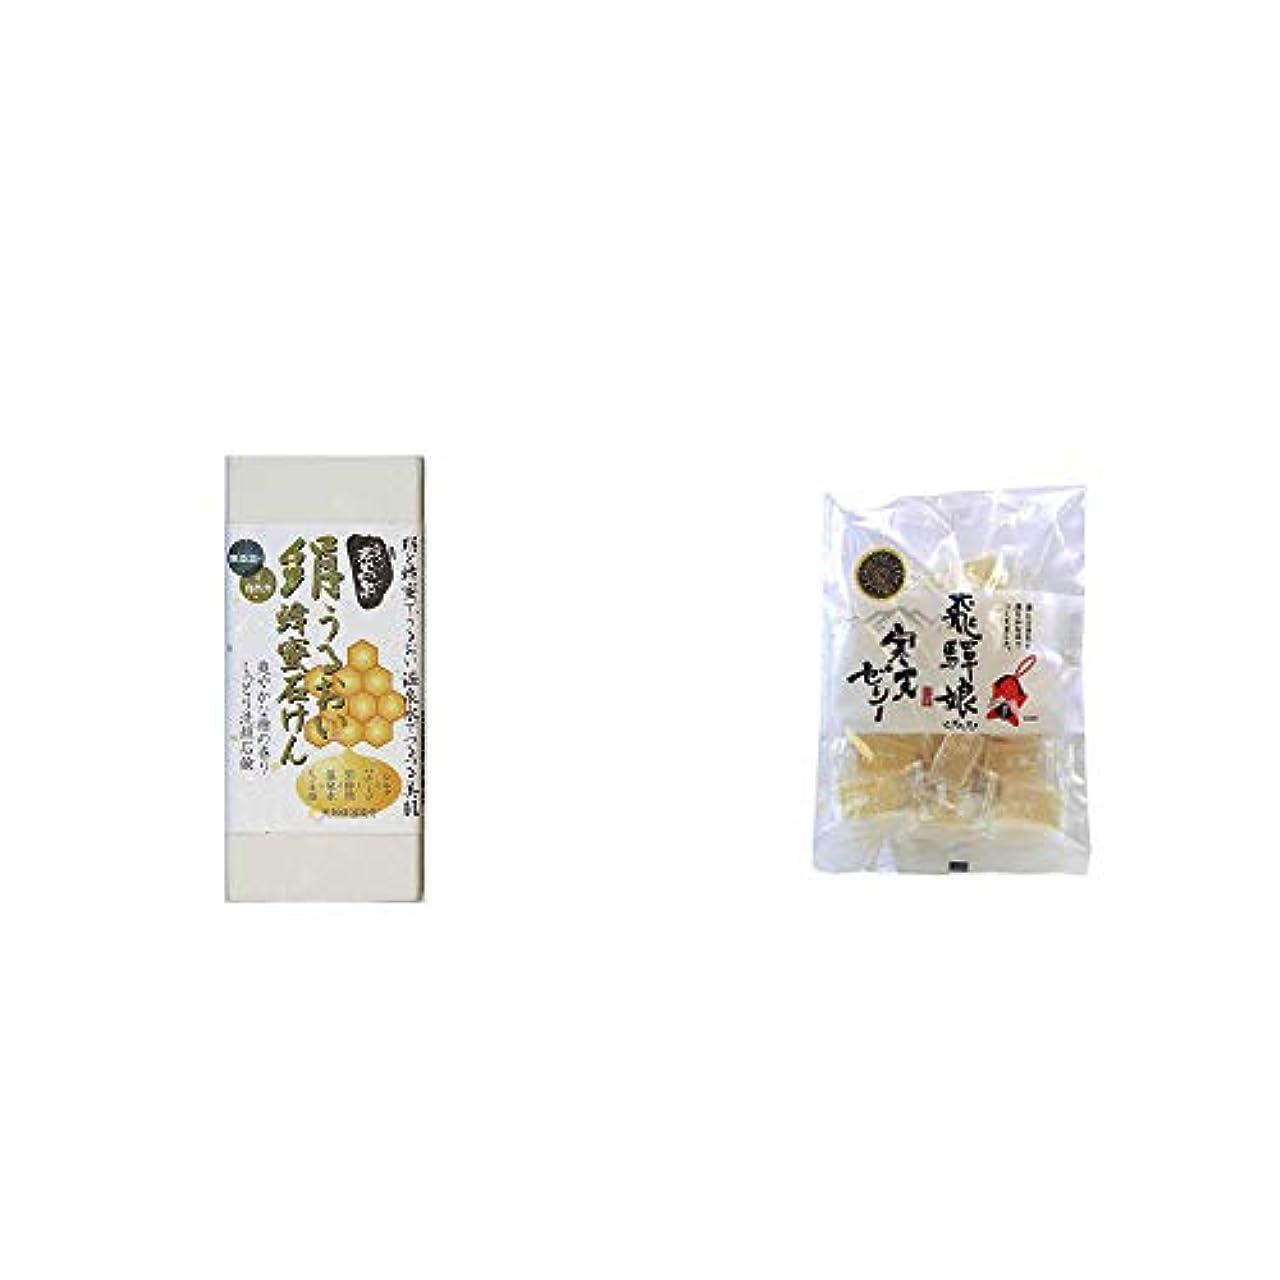 イノセンスクライマックスダニ[2点セット] ひのき炭黒泉 絹うるおい蜂蜜石けん(75g×2)?飛騨娘 地酒寒天ゼリー(200g)